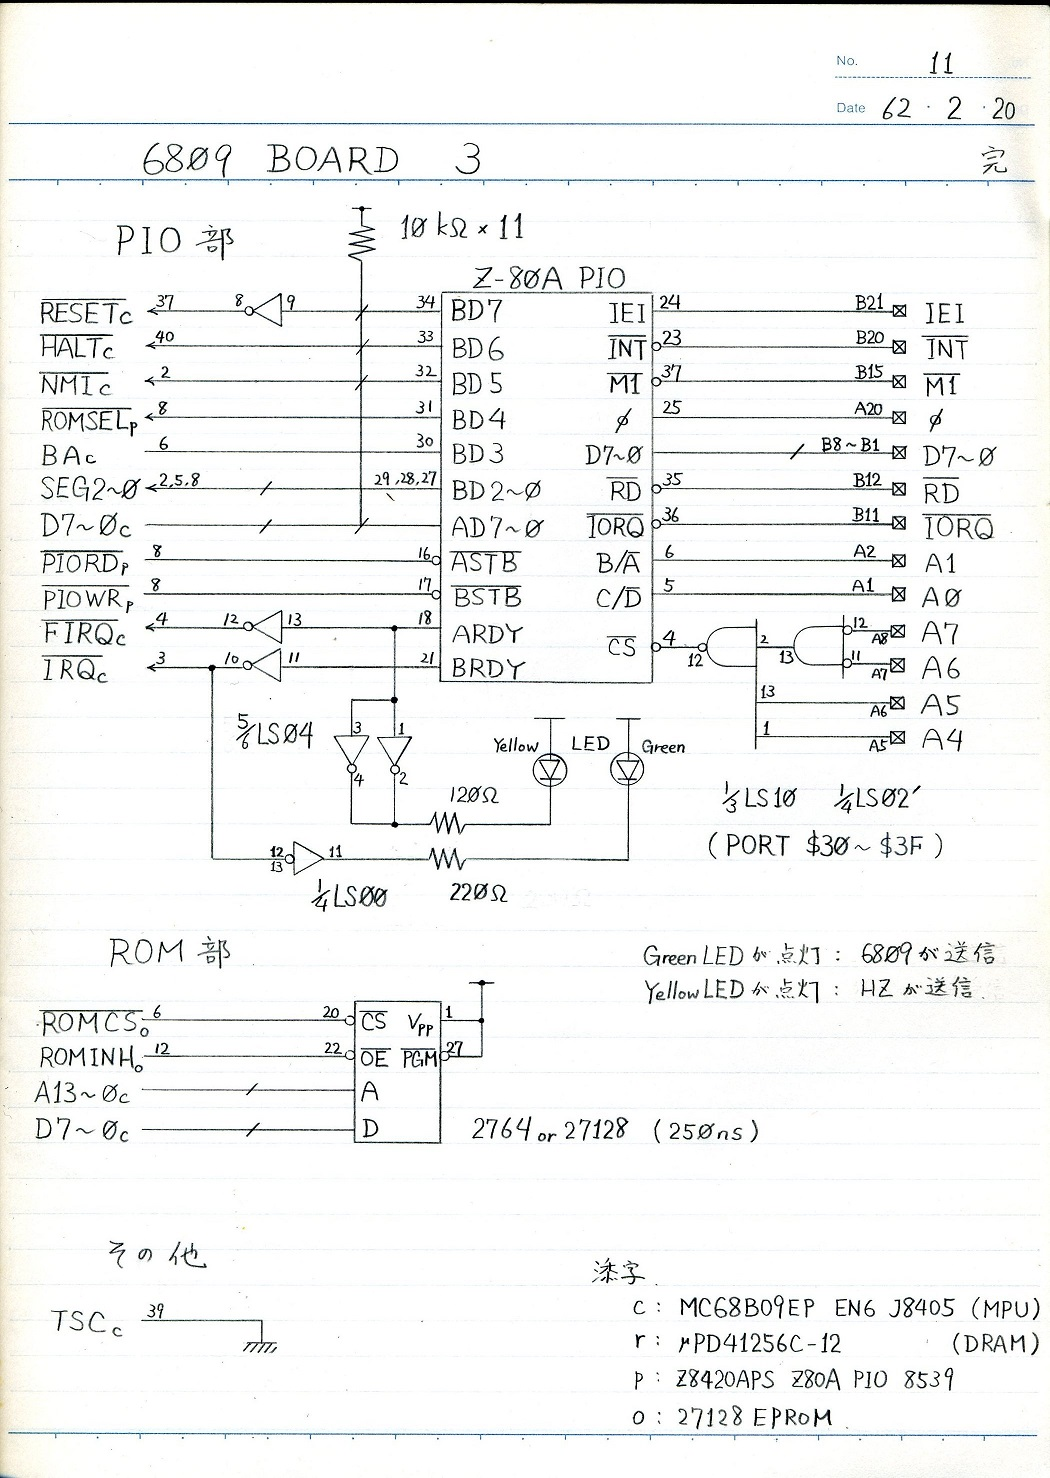 6809 board circuit 3